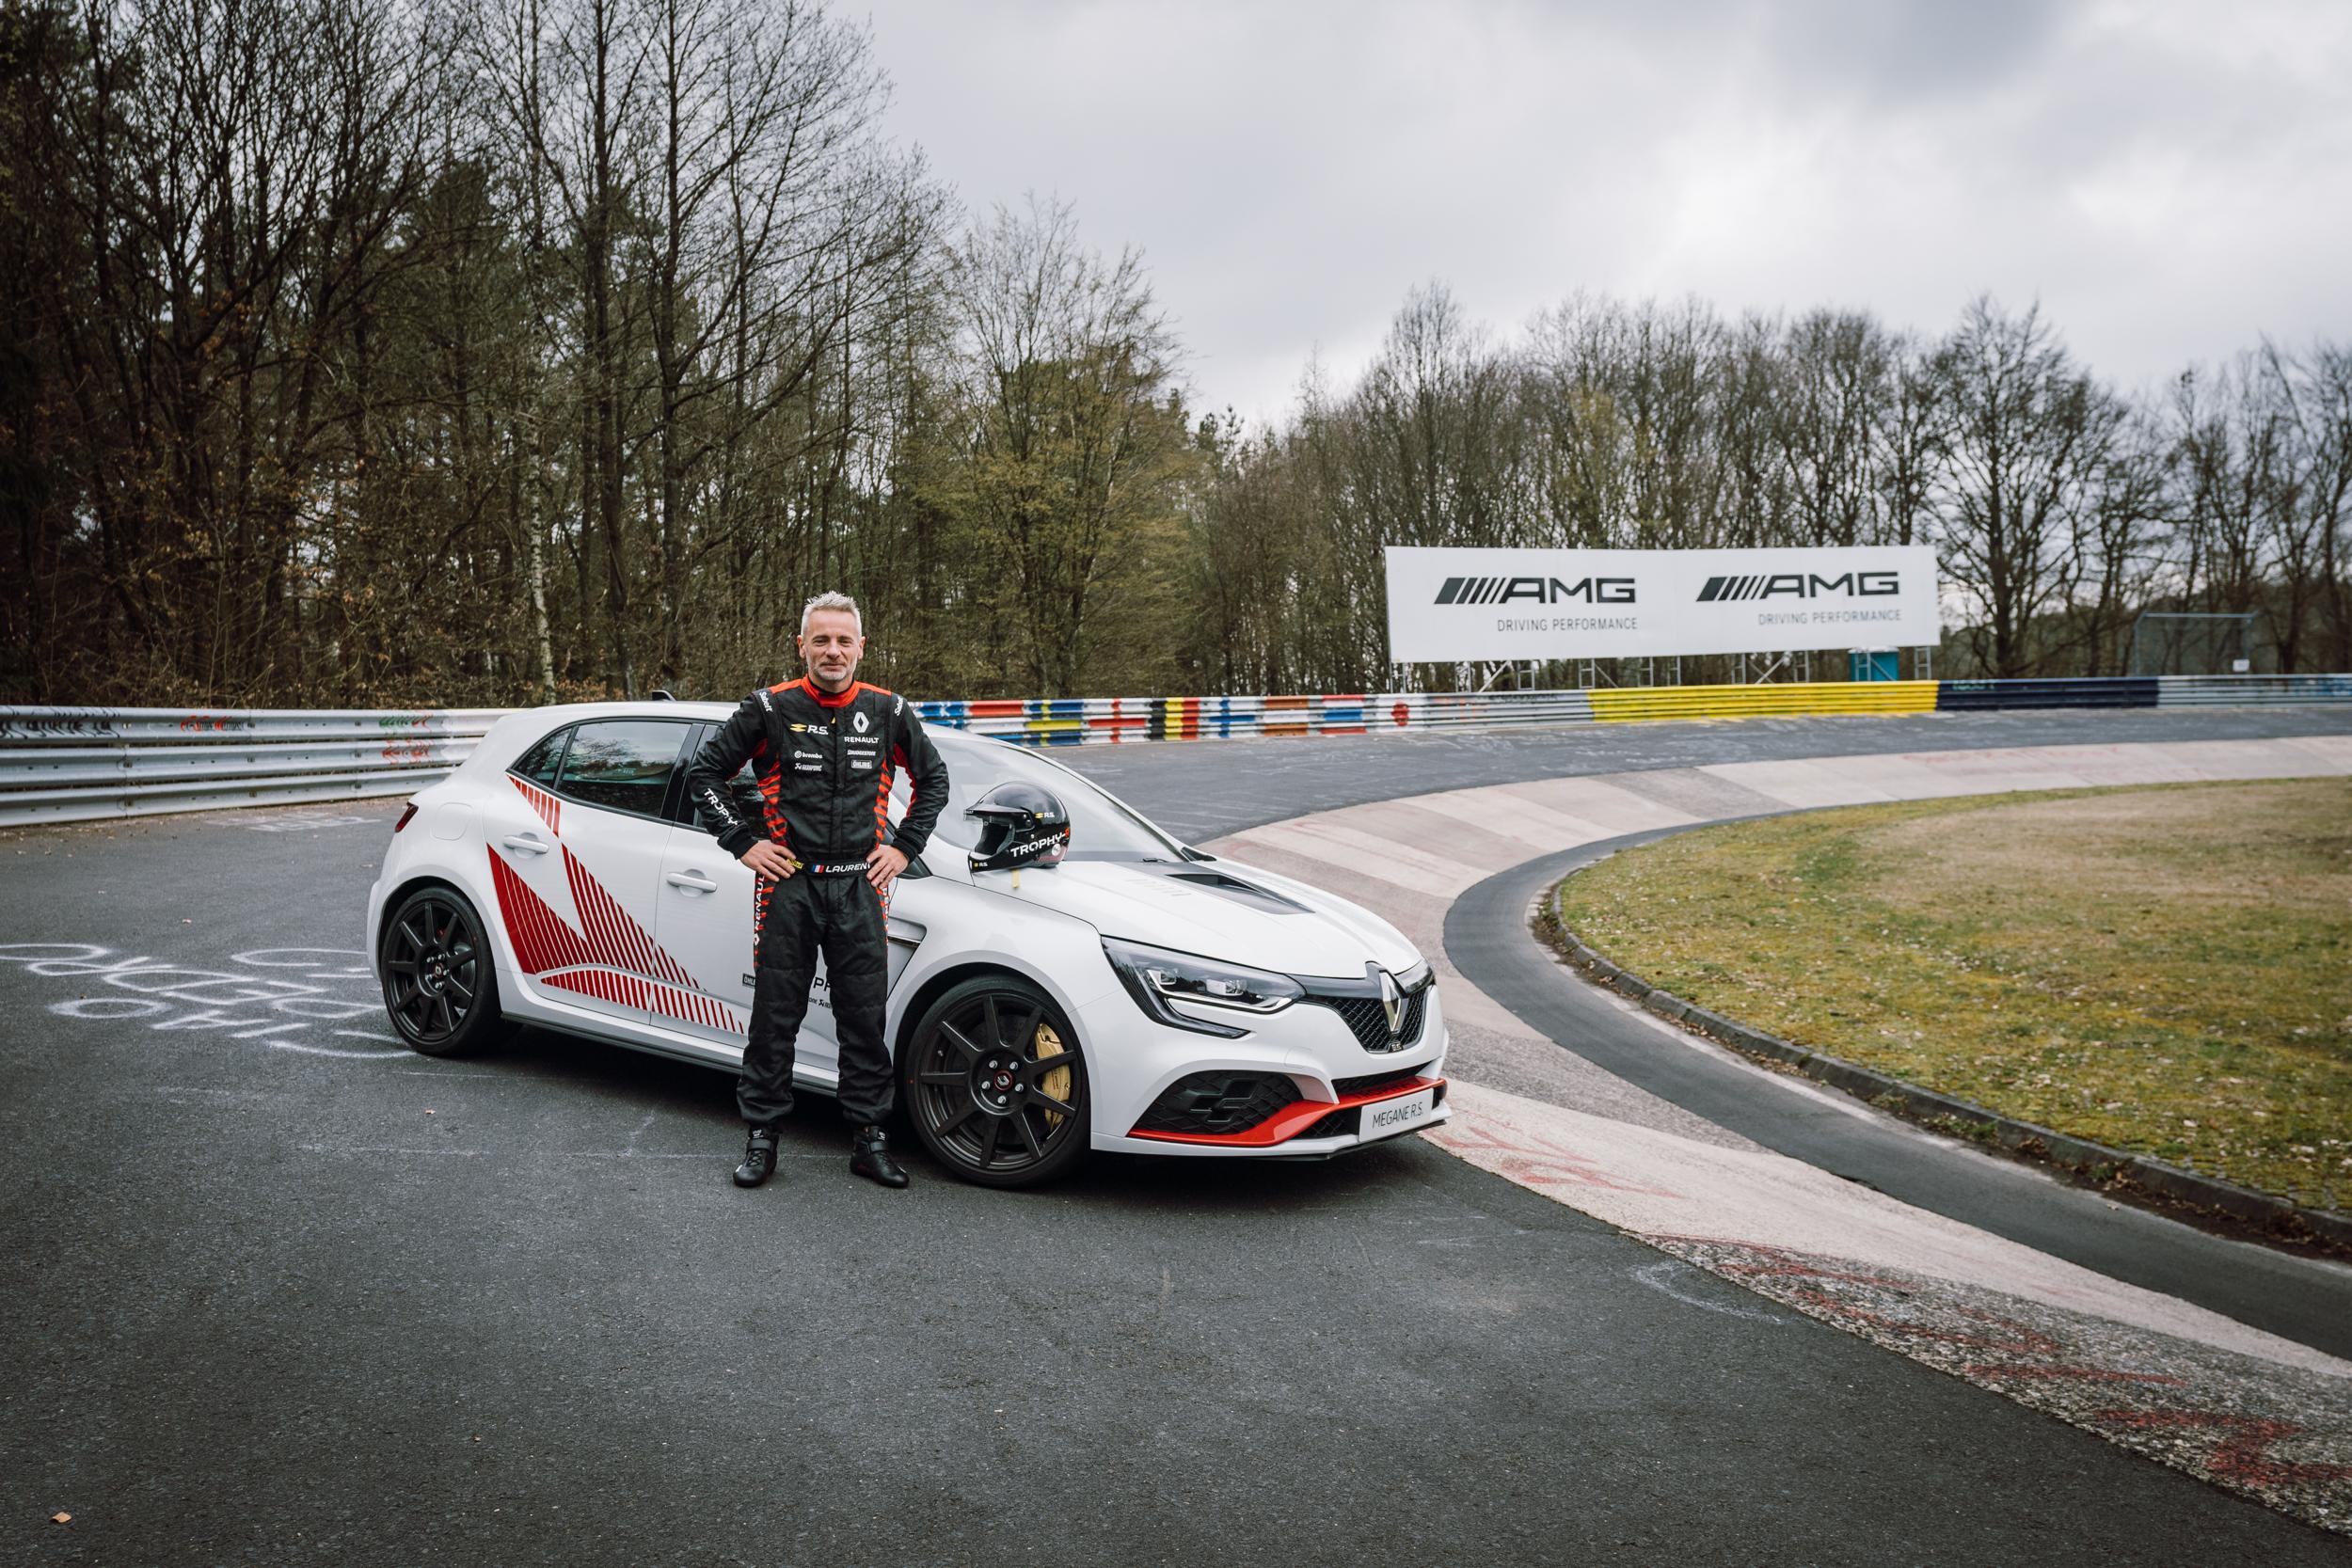 Renault Sport_Circuit Nurburgring_06-04-19_Florian Leger_SHARE & DARE_ HD_ N°-295.jpg